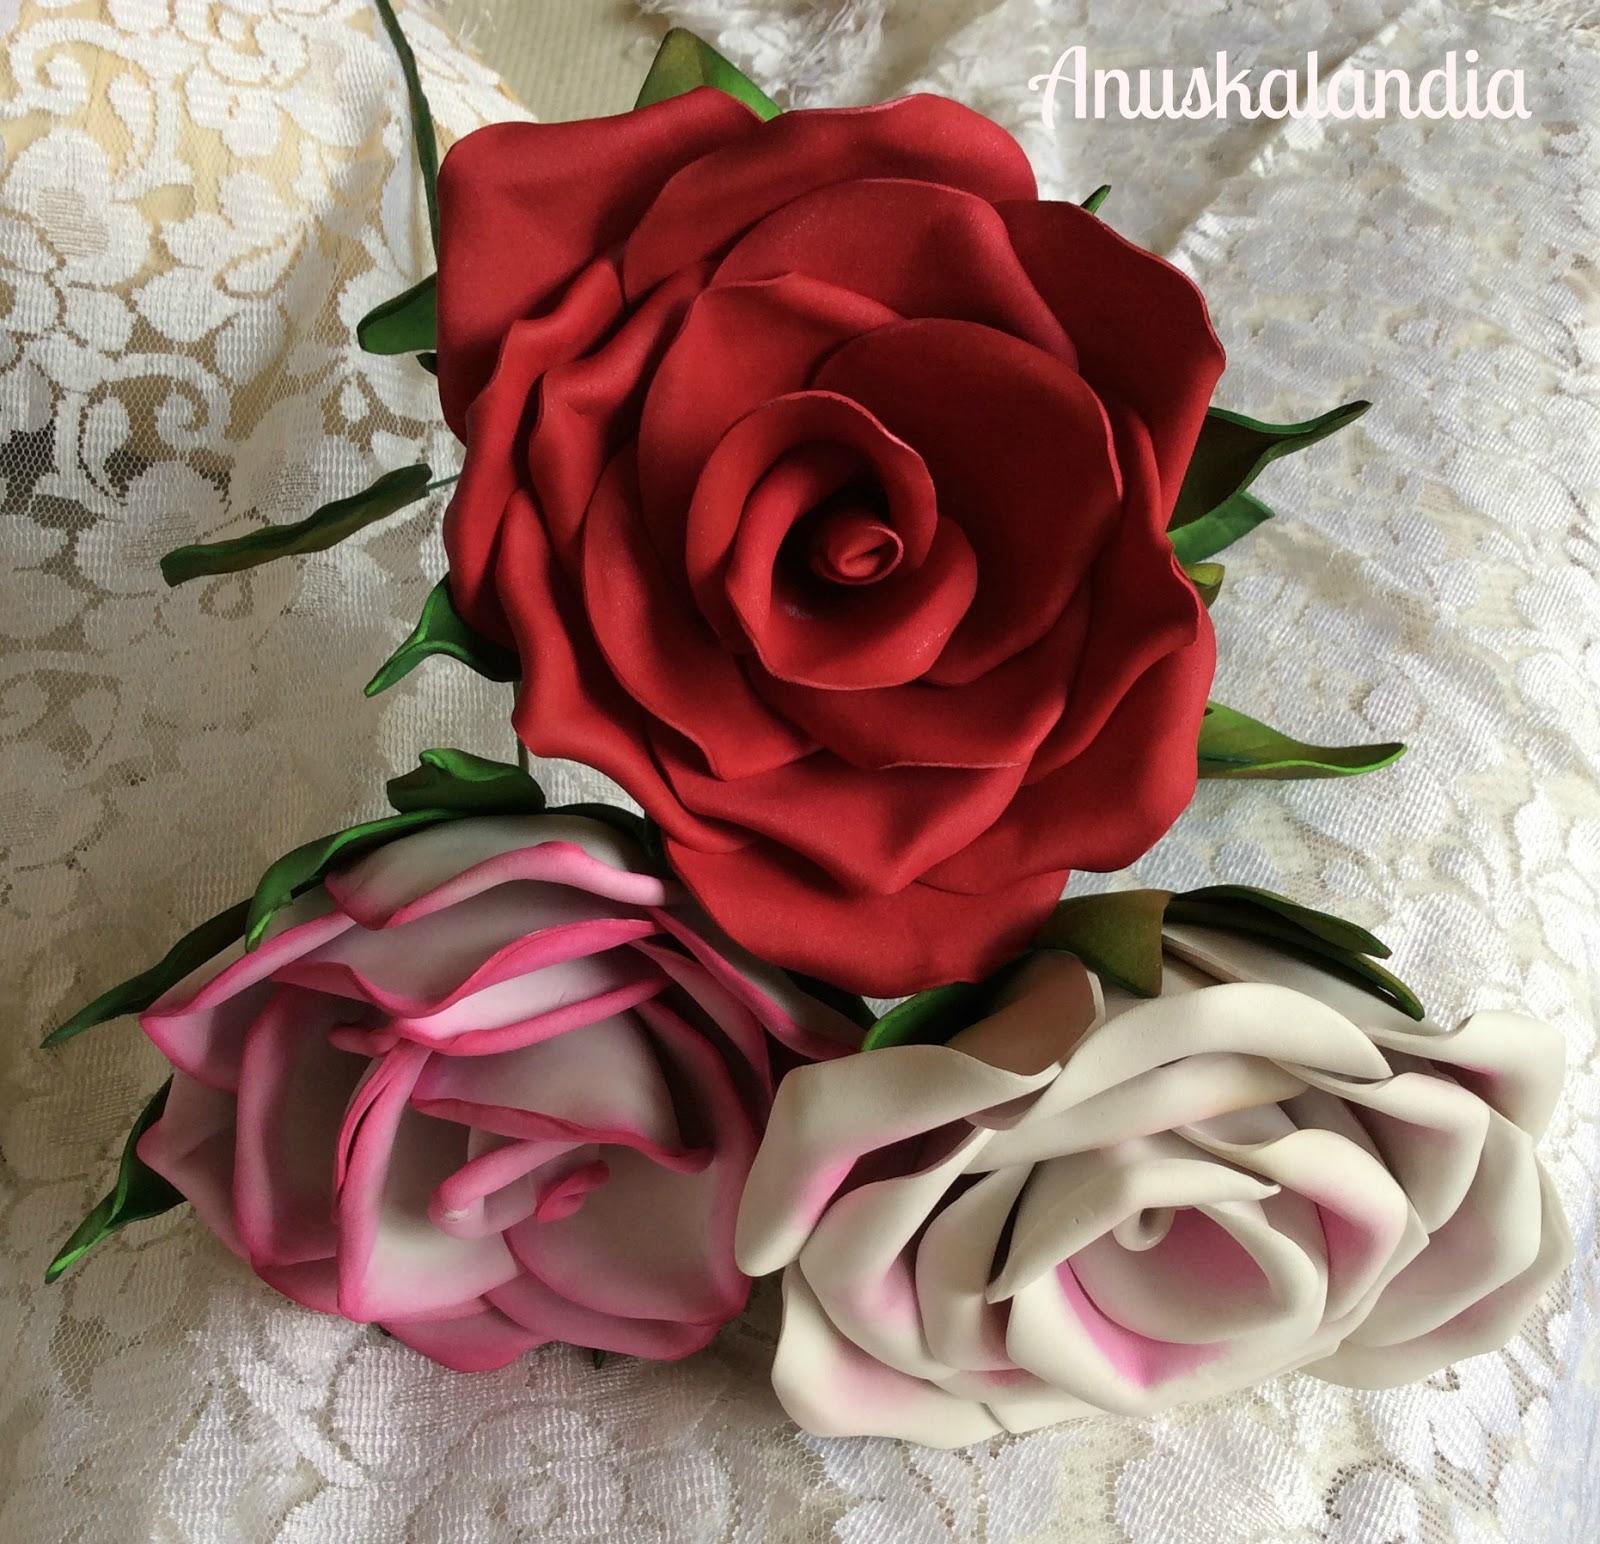 Flores en goma eva o foamy rosasanuskalandia - Flores con goma eva ...